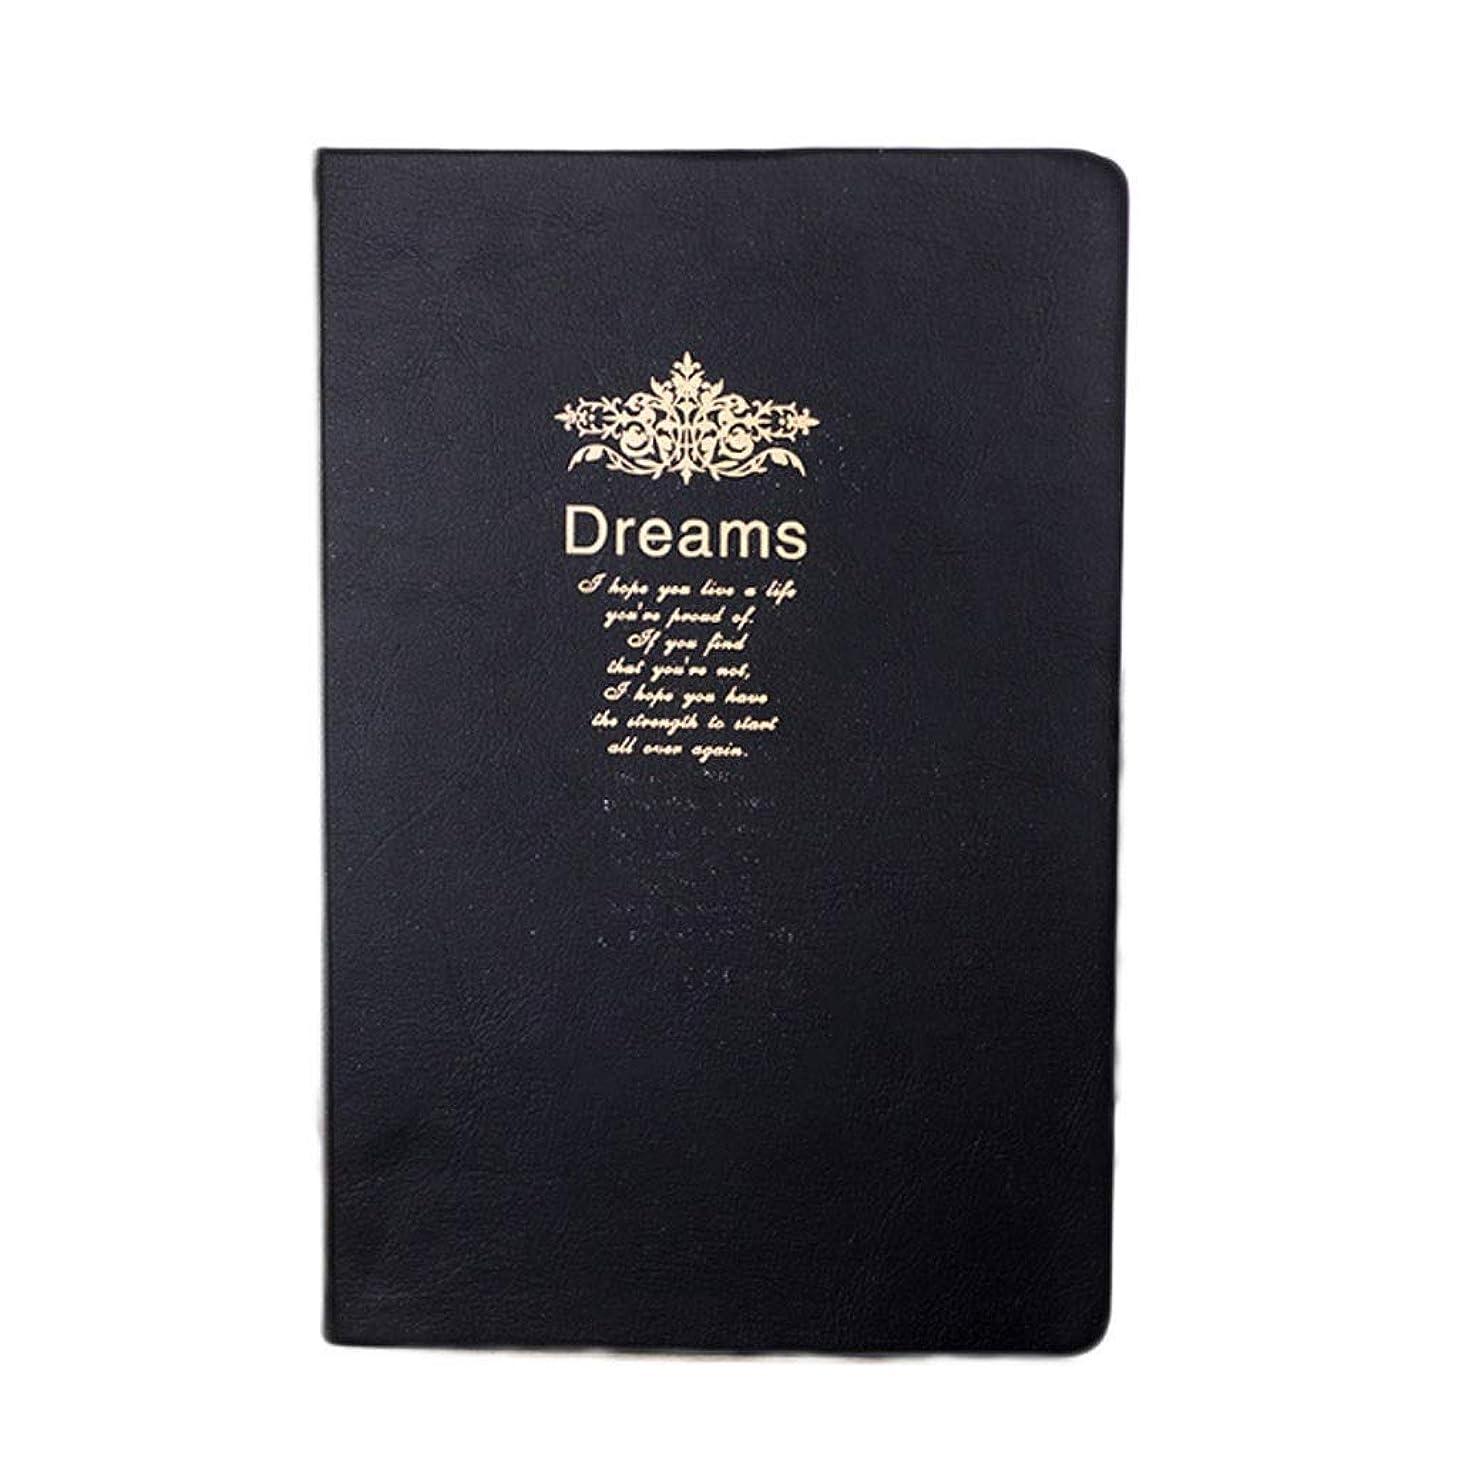 アダルトレイ不名誉メモ帳 厚めの日記の黒い表紙デザイン208余分な厚いパッド入りメモ帳レトロページの中のノートブック ノート